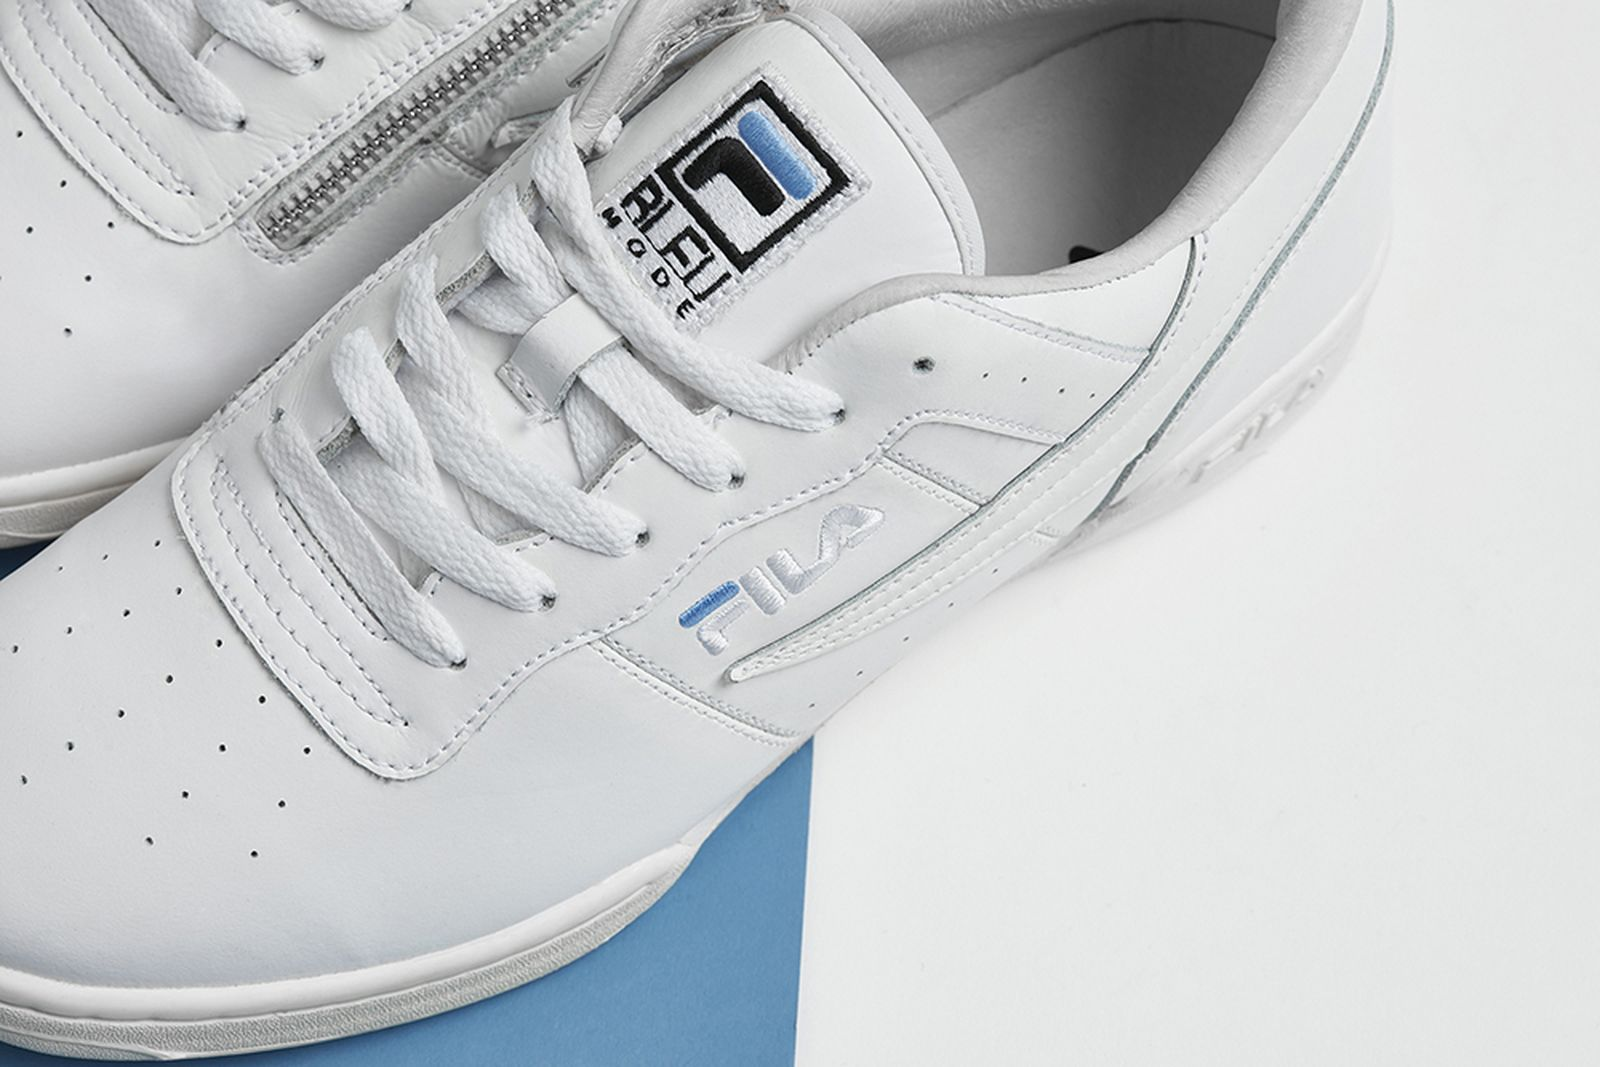 bleu-mode-fila-original-fitness-zipper-release-date-price-10